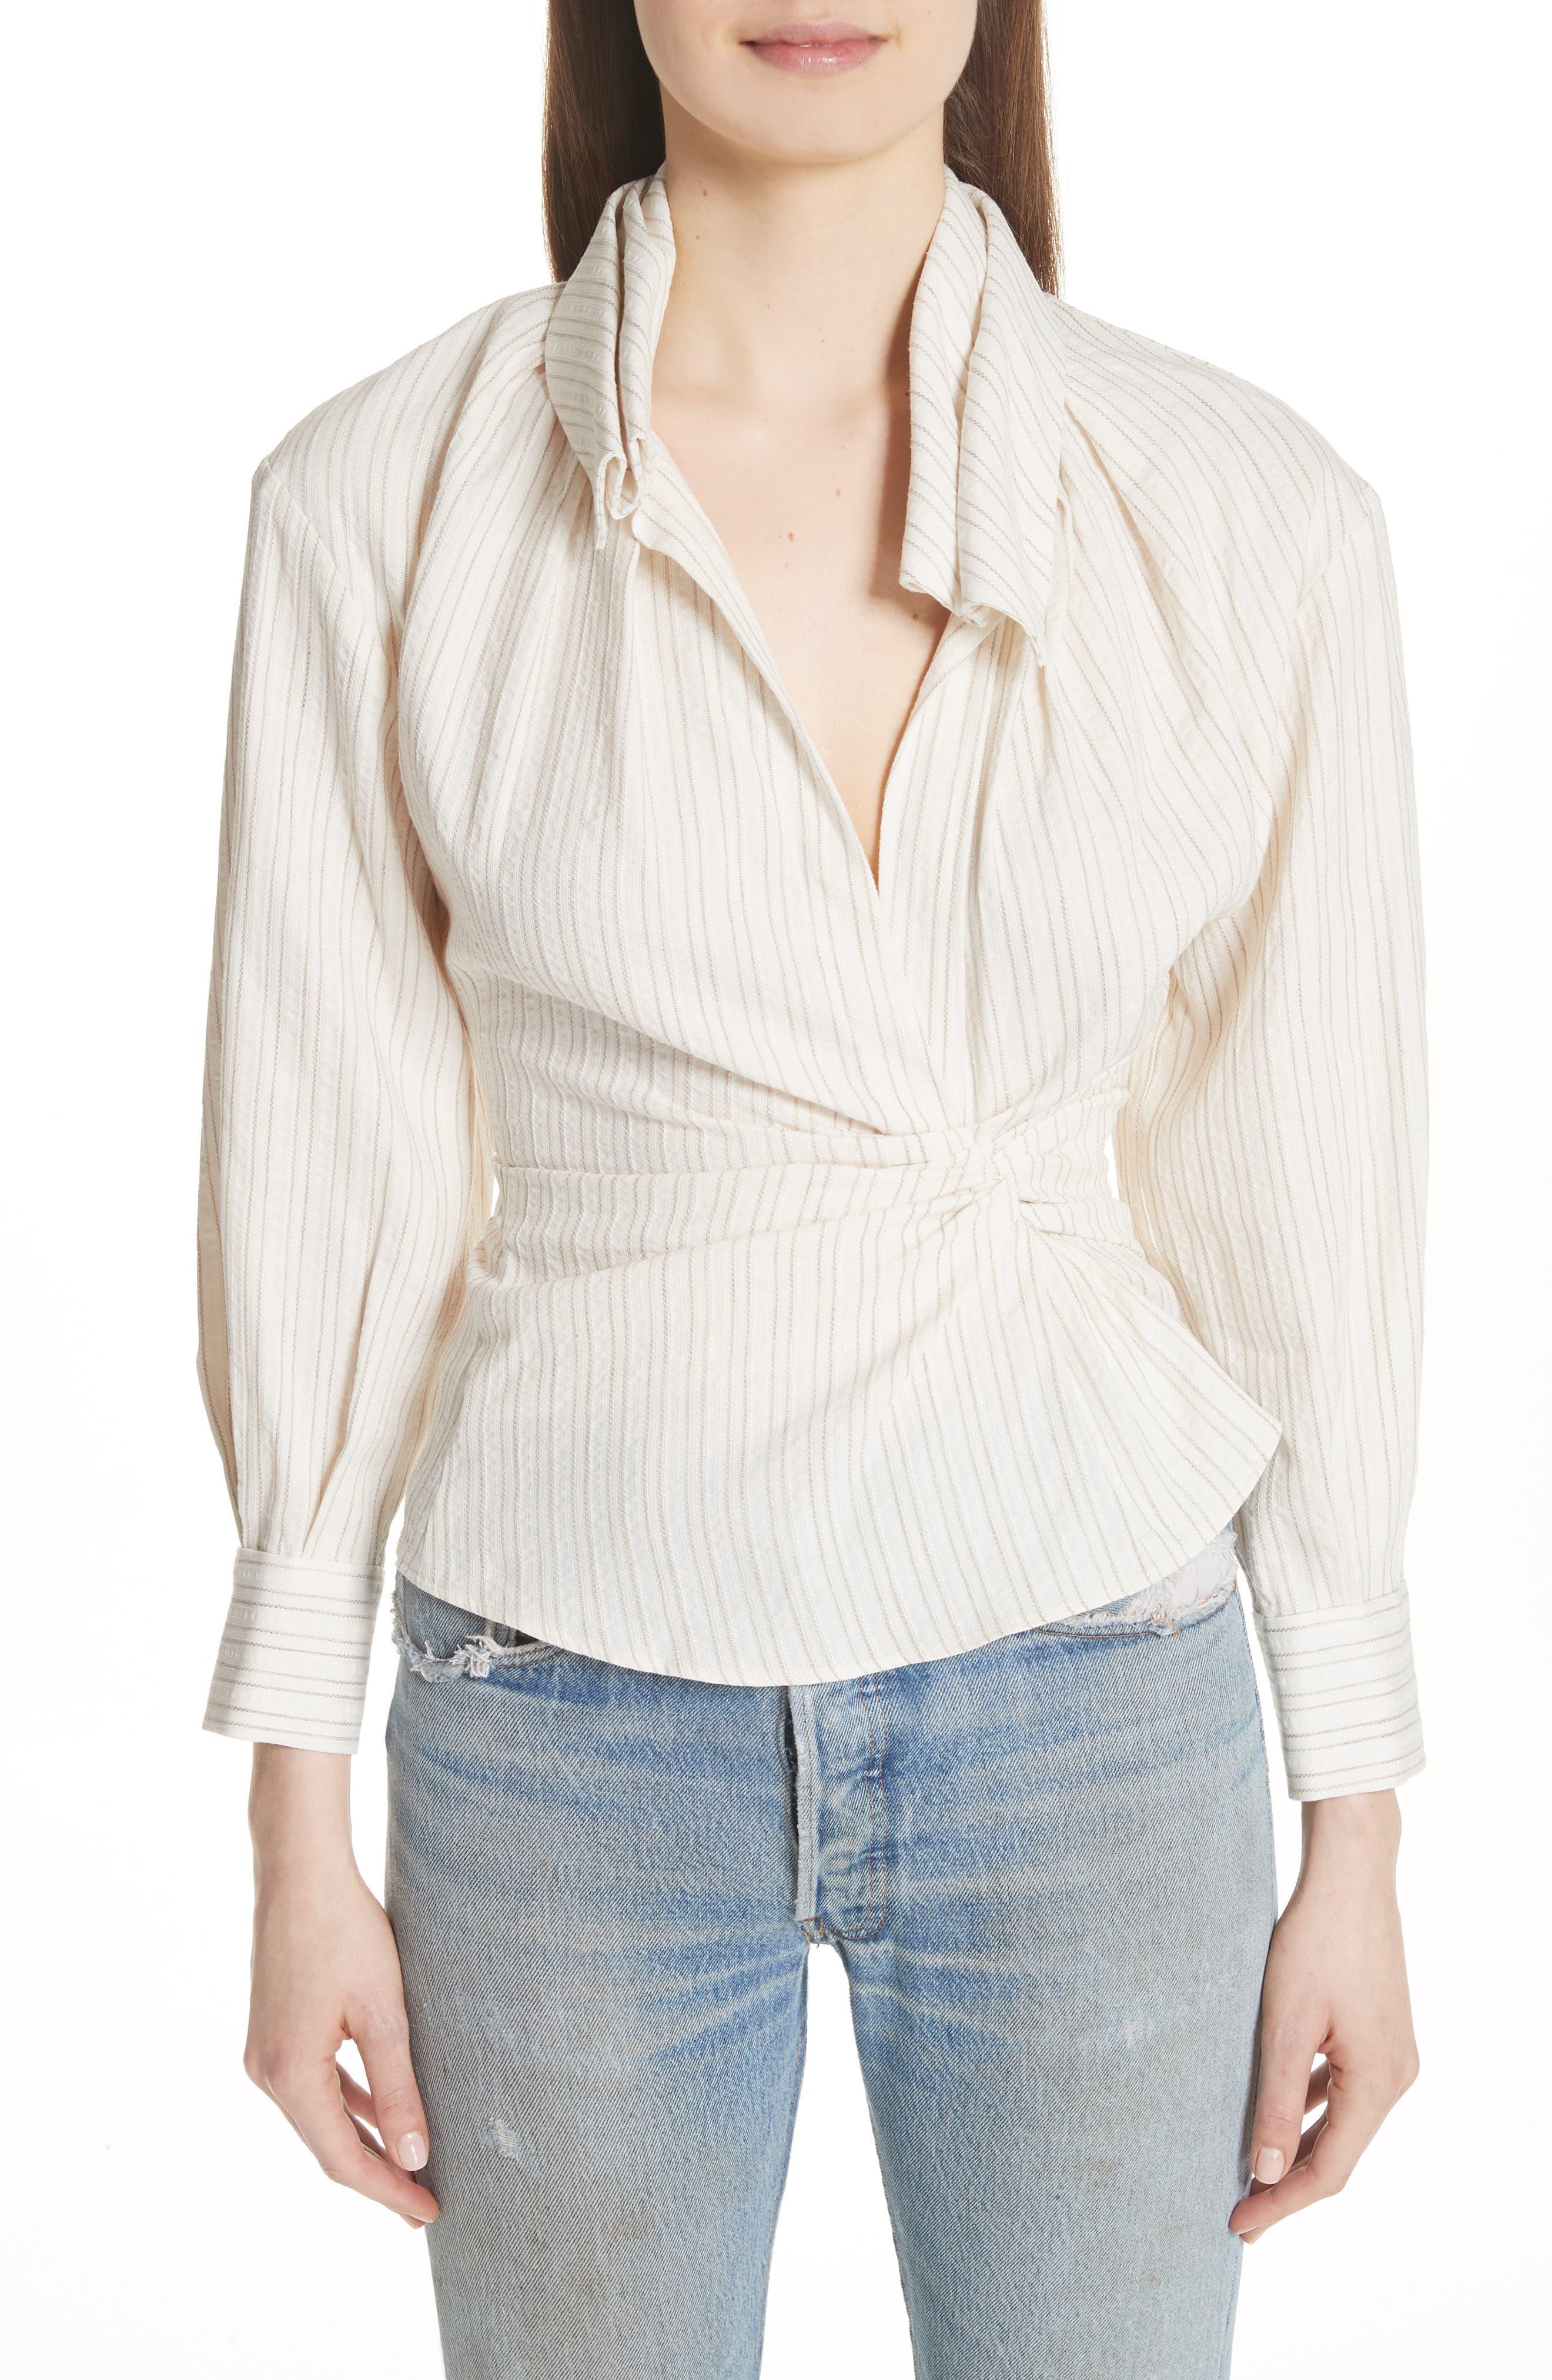 La Chemise Belem Shirt,                             Main thumbnail 1, color,                             Beige Striped